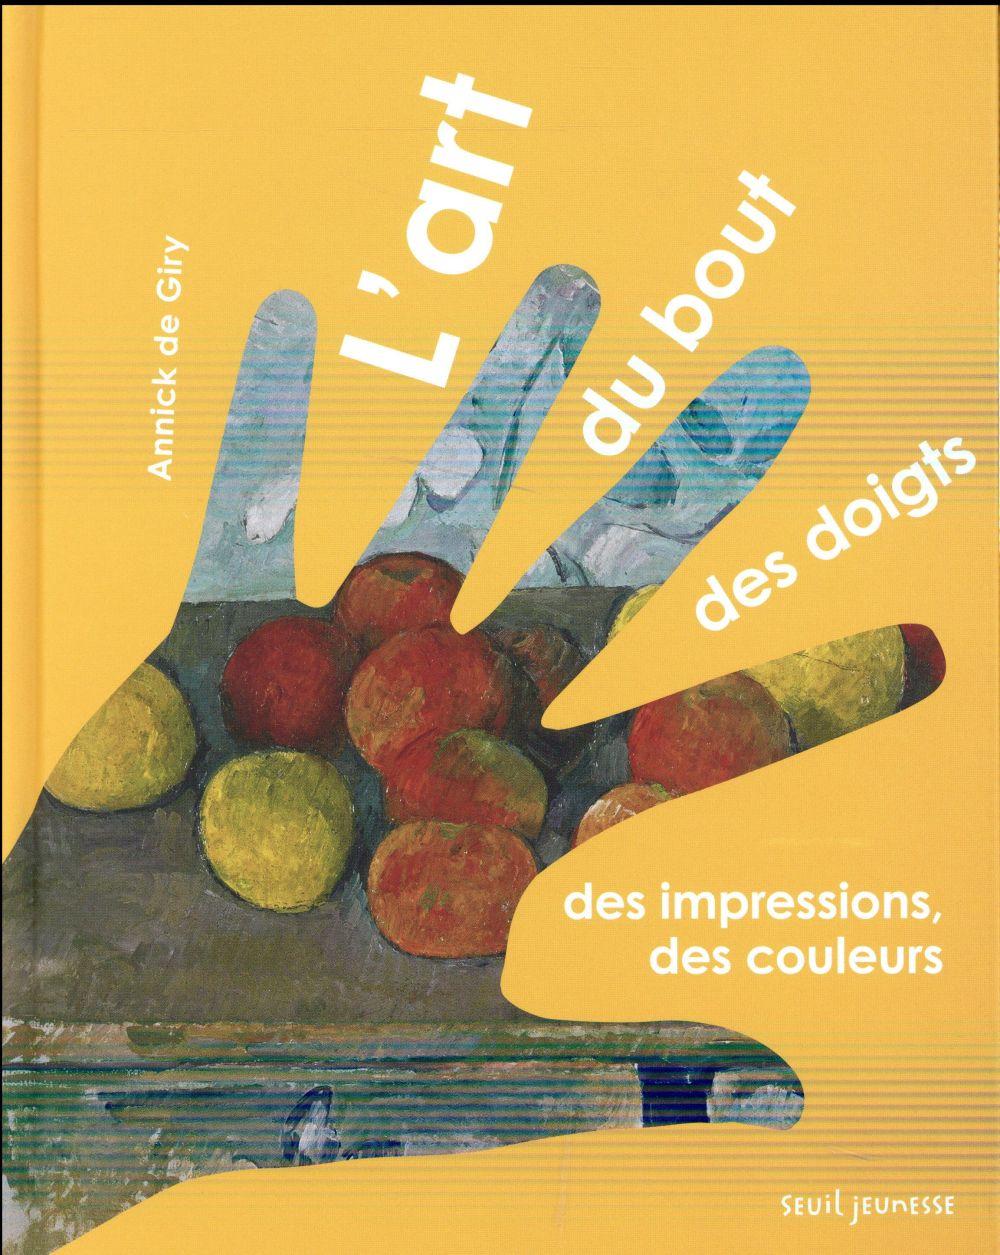 L'ART DU BOUT DES DOIGTS. DES IMPRESSIONS, DES COULEURS